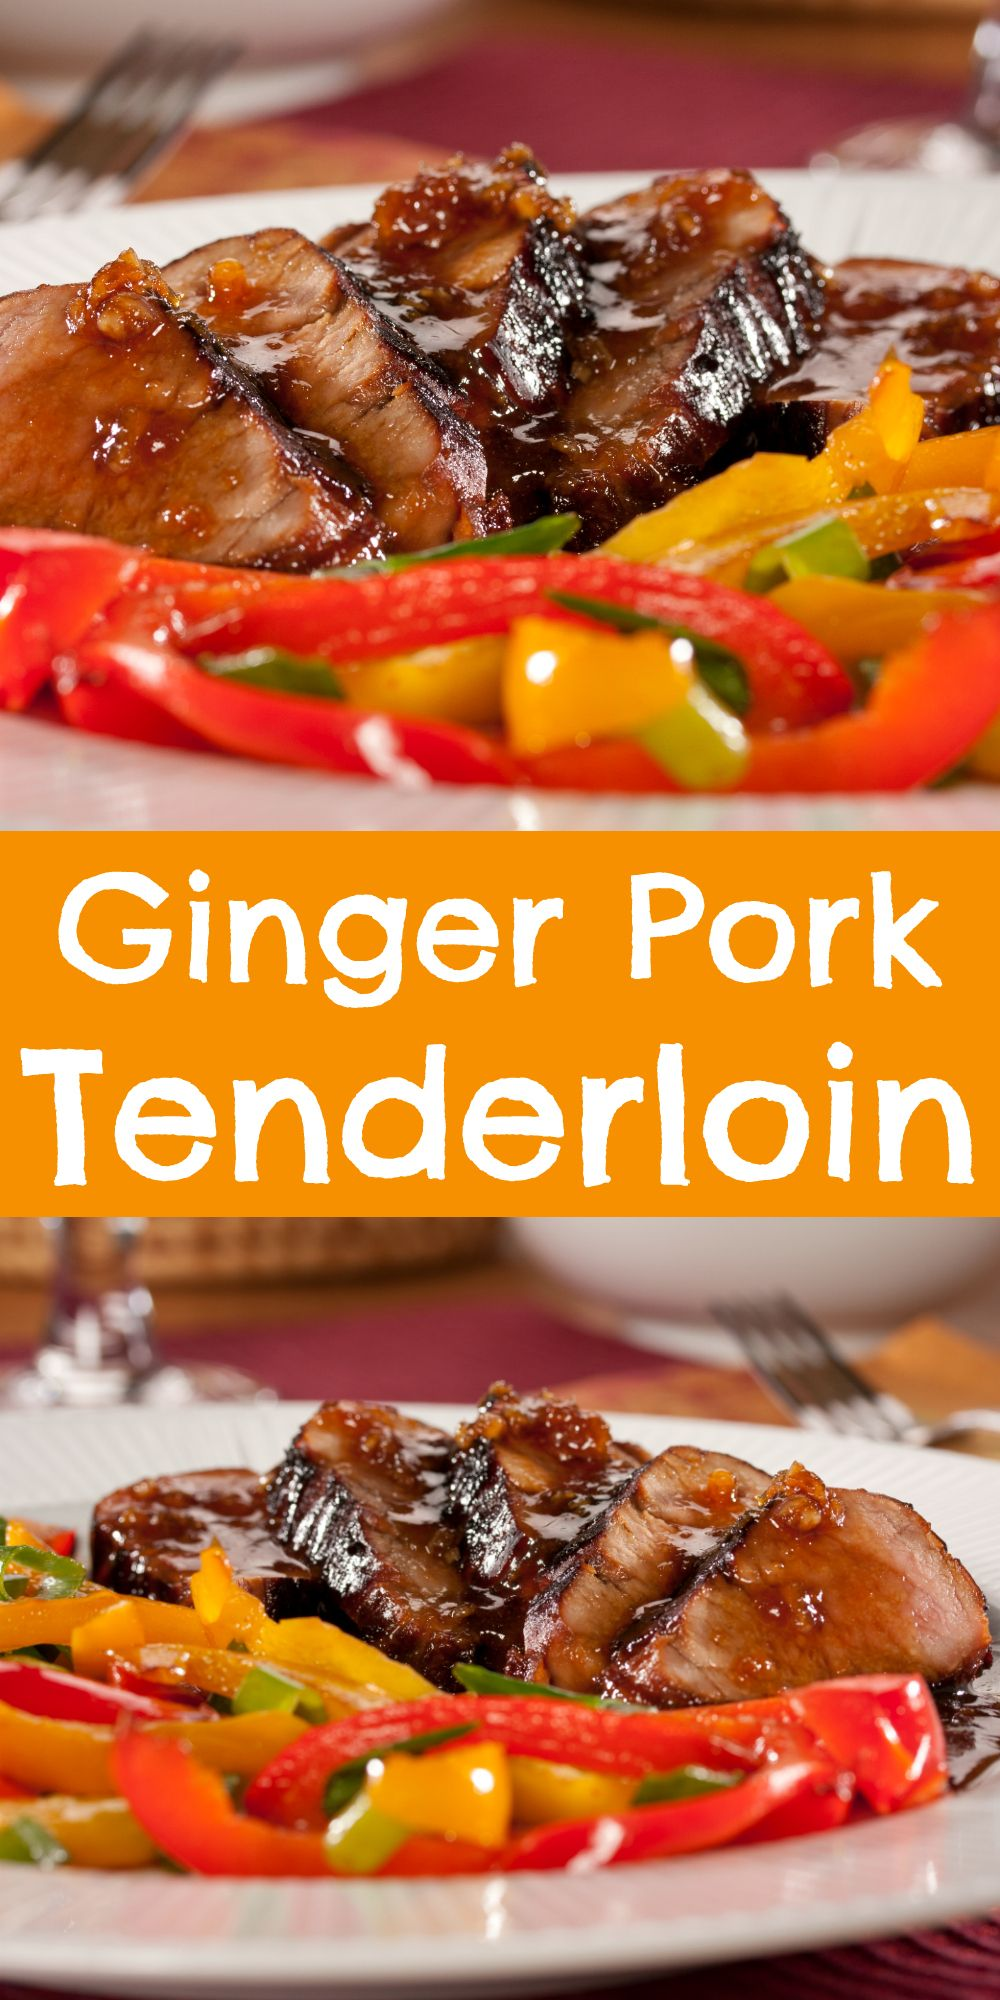 Ginger Pork Tenderloin Recipe Healthy pork tenderloin